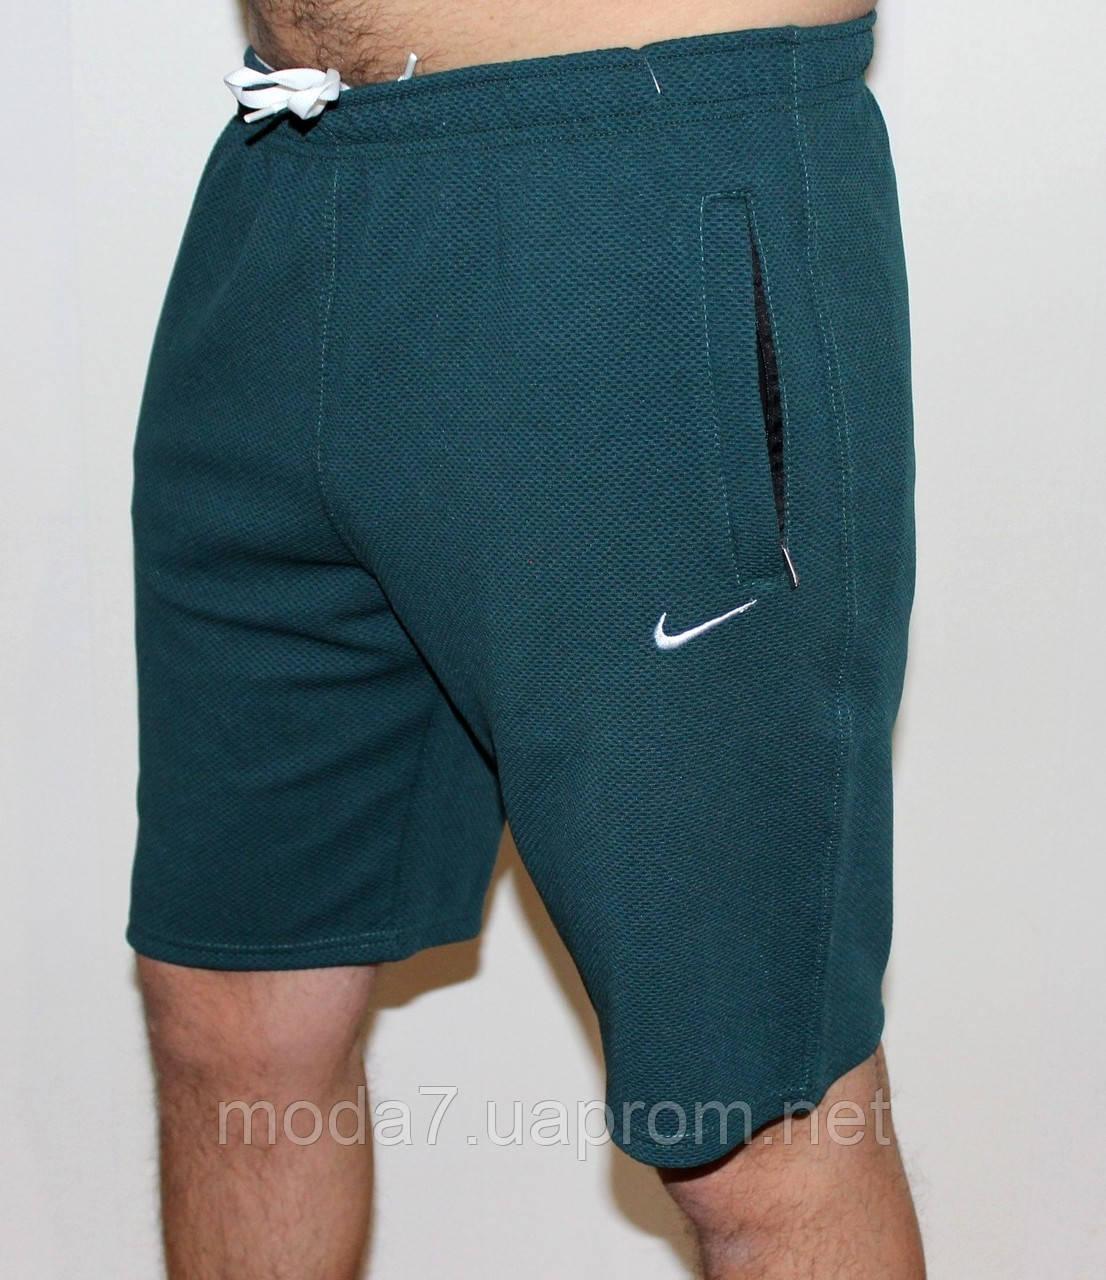 Шорты мужские зеленые Nike реплика